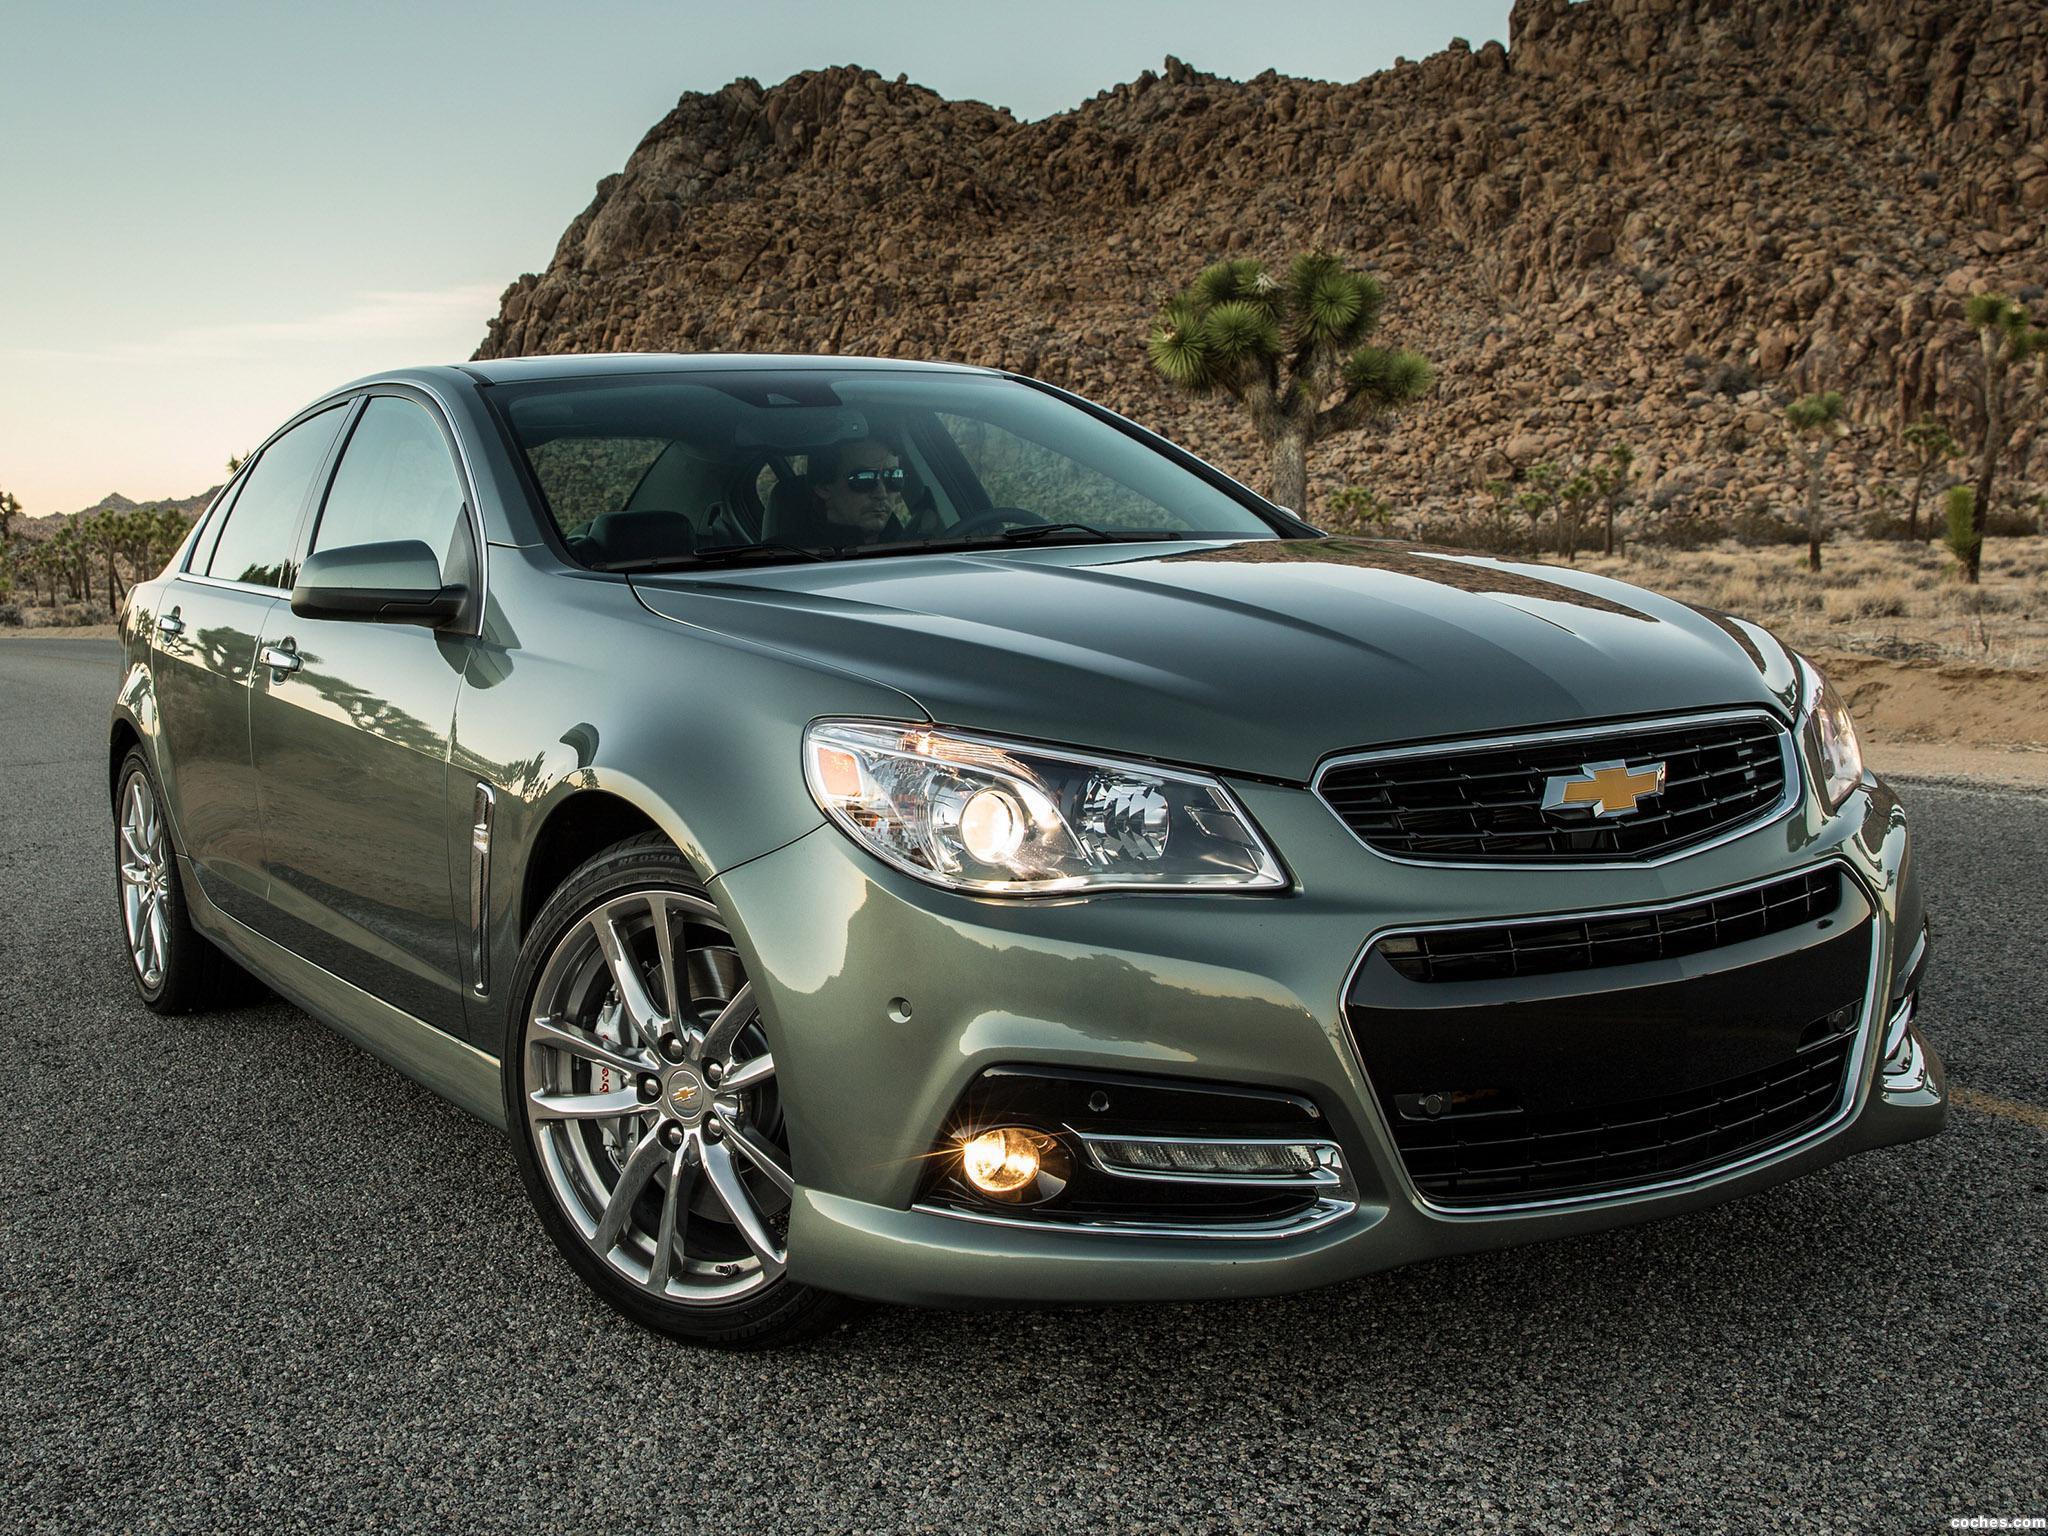 Foto 0 de Chevrolet SS 2013